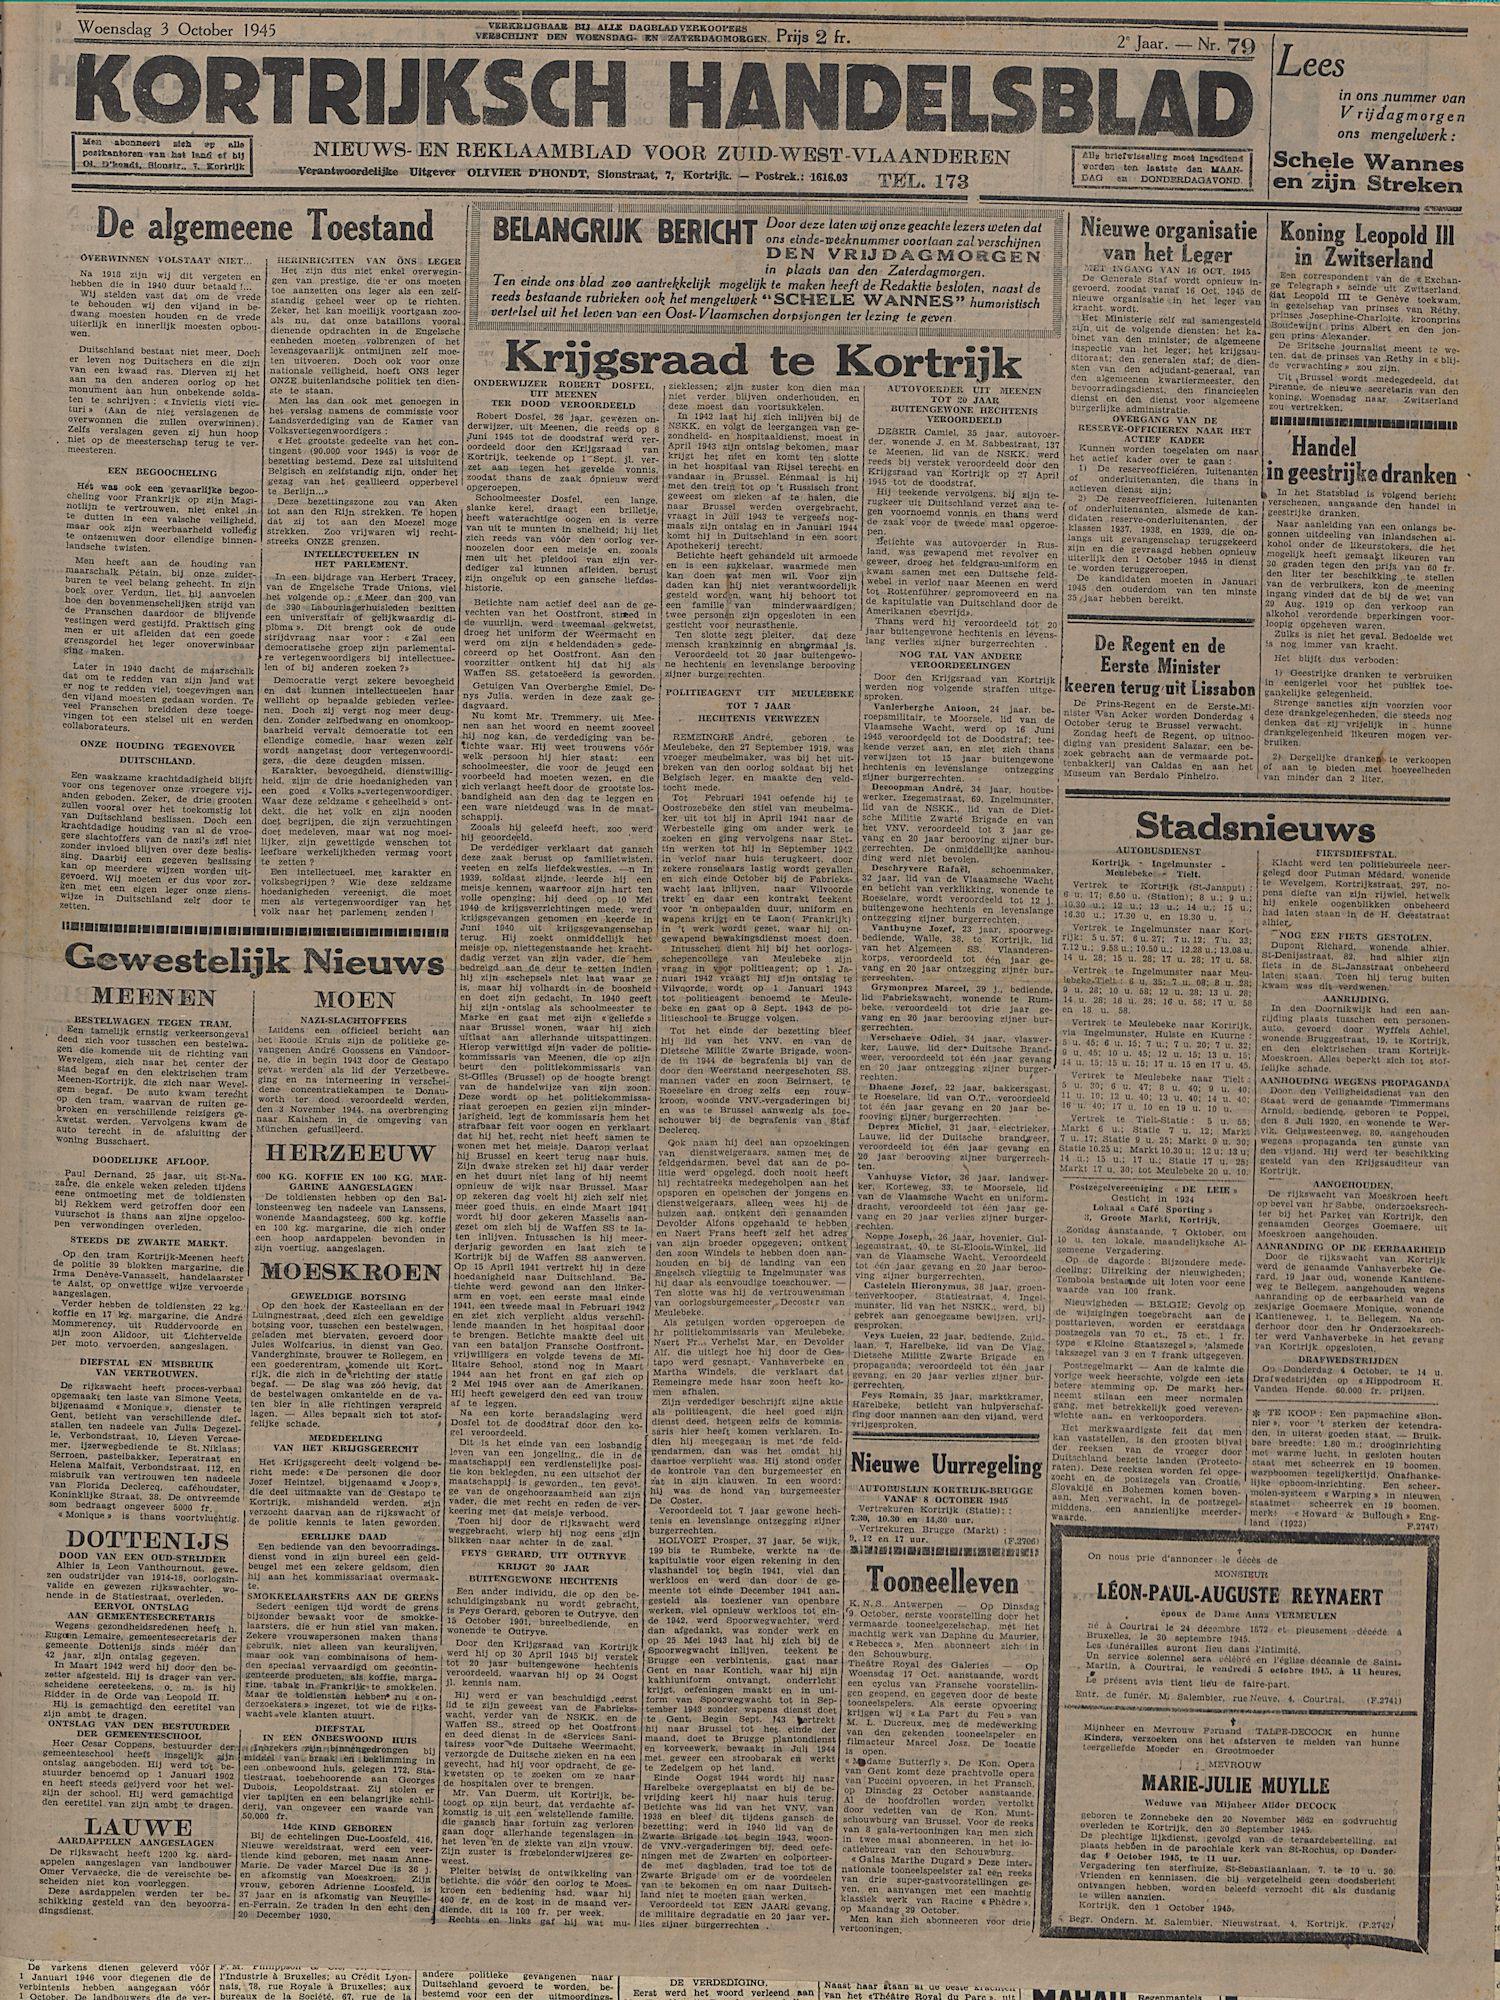 Kortrijksch Handelsblad 3 october 1945 Nr79 p1